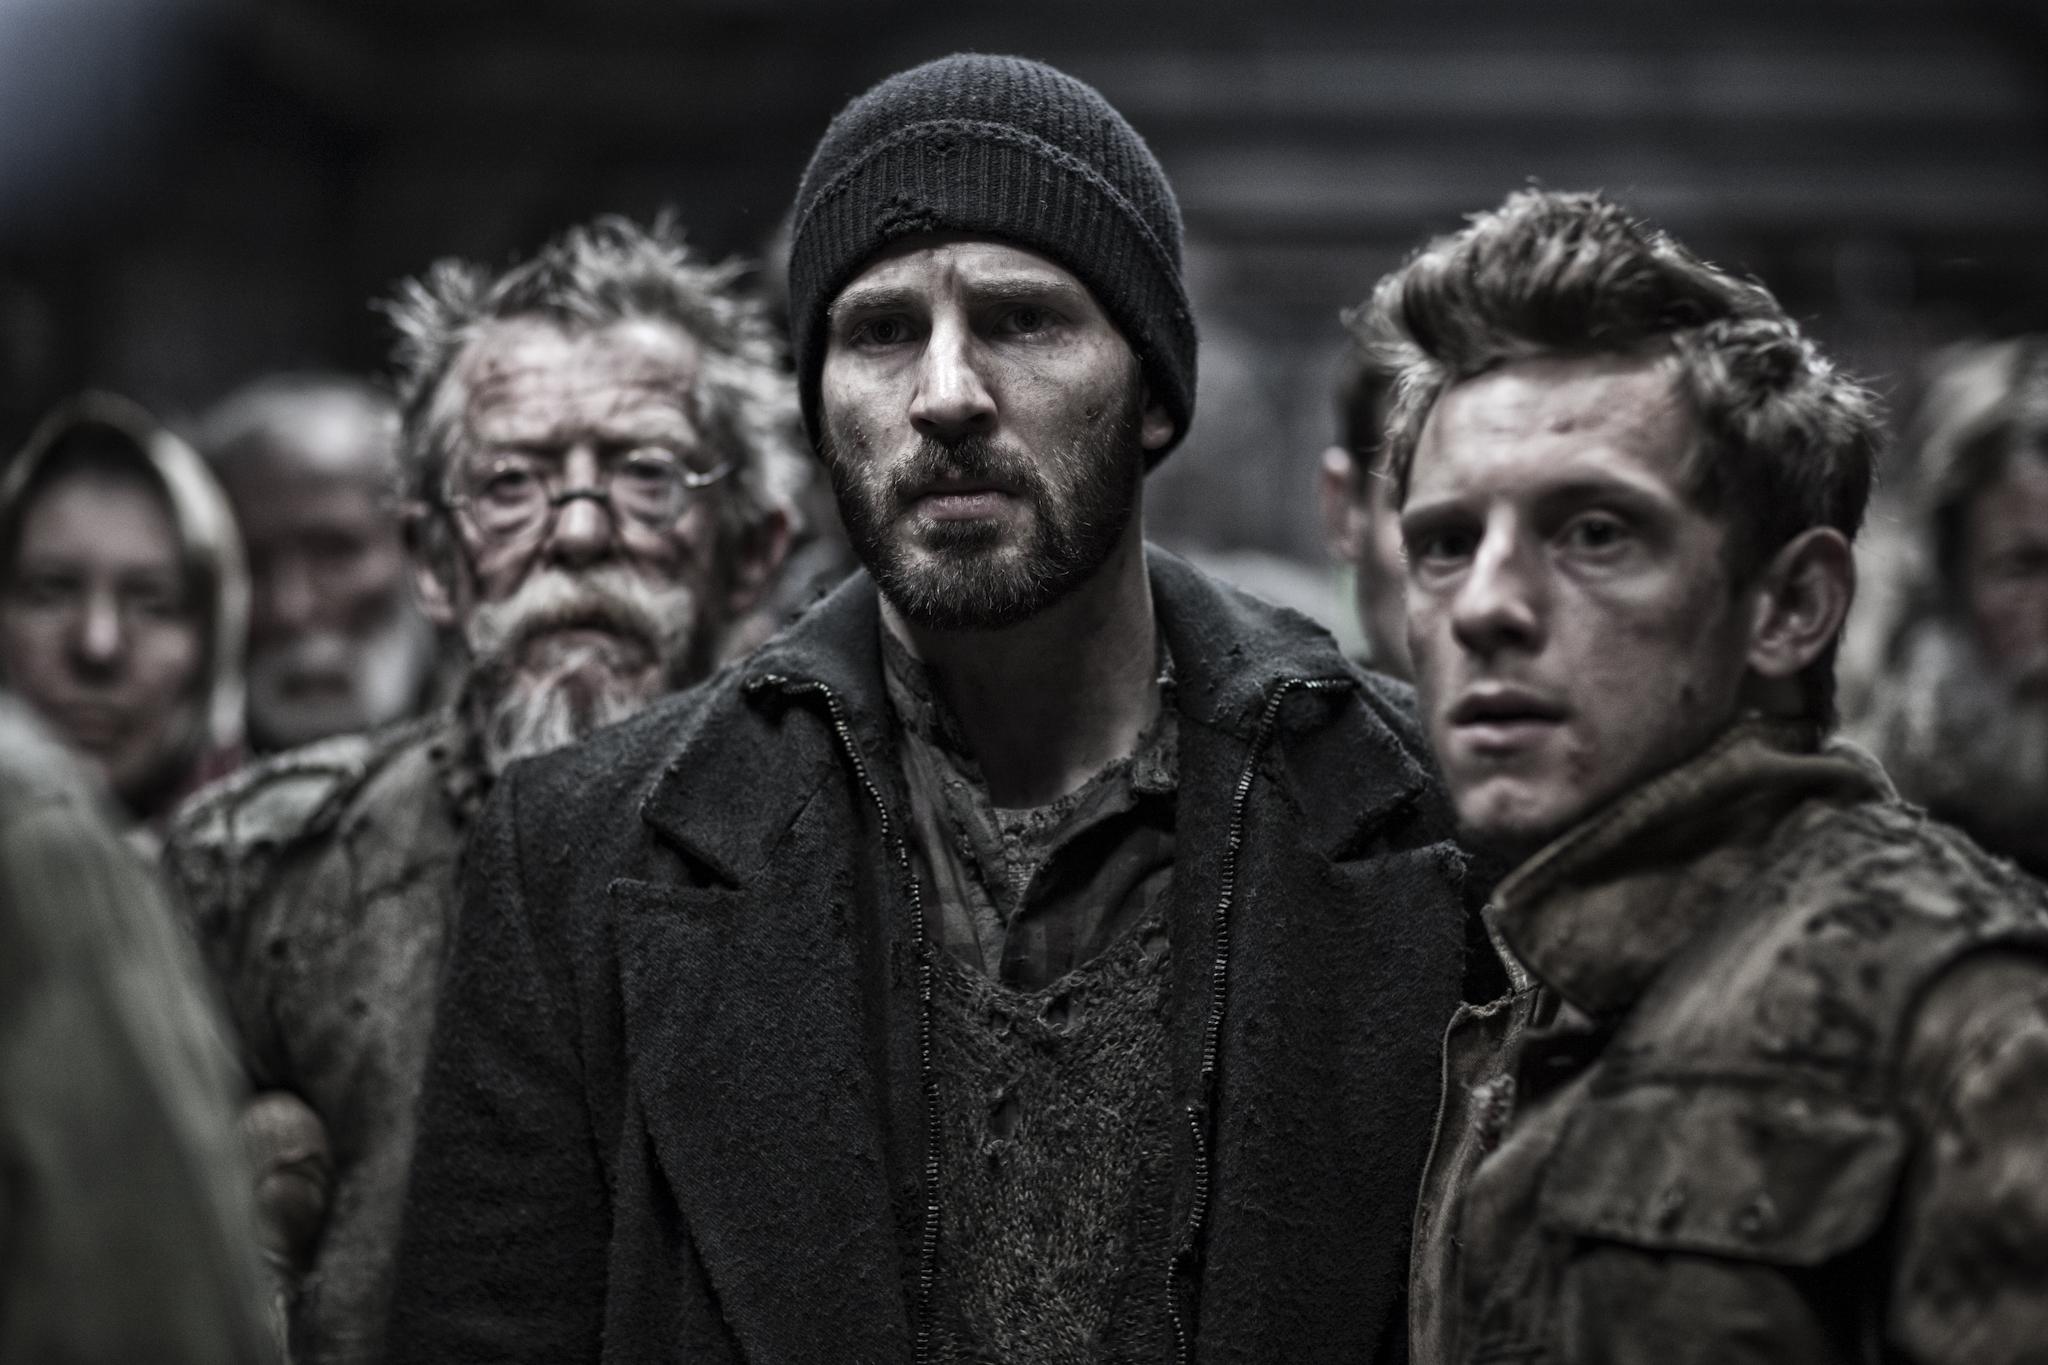 John Hurt, Jamie Bell, and Chris Evans in Snowpiercer (2013)